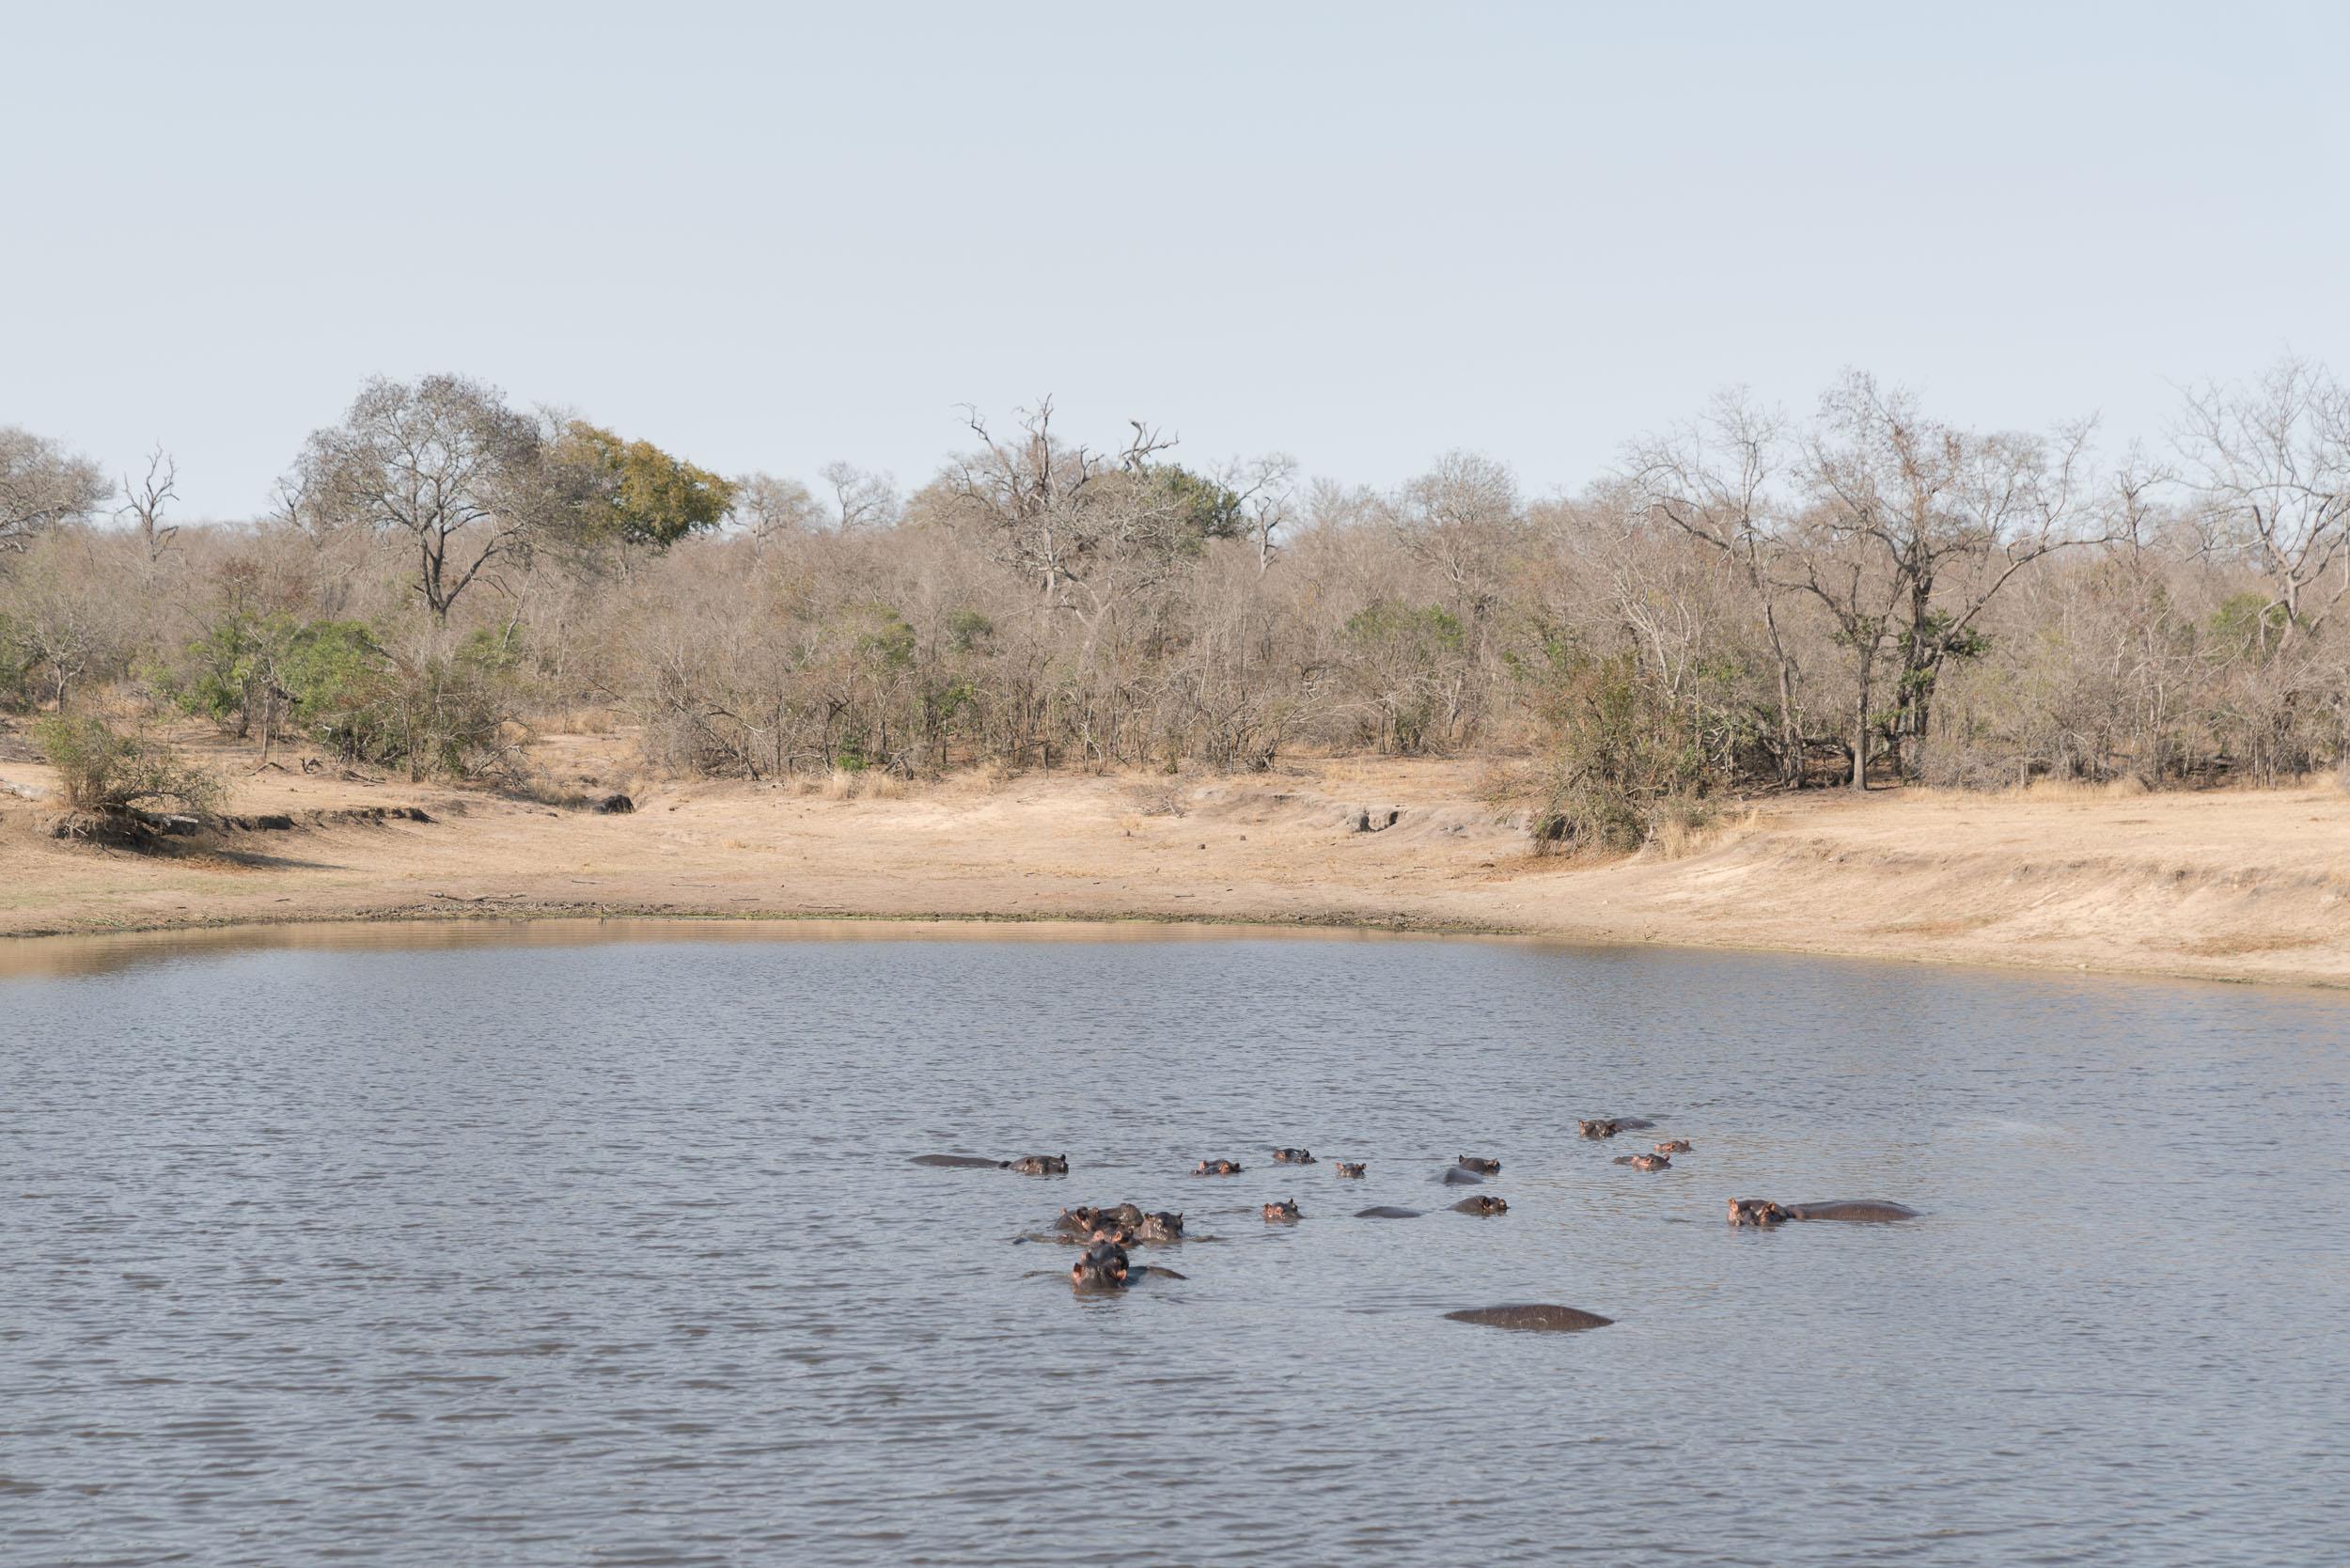 the_getaway_edit_south_africa_safari_londolozi_game_reserve-38.jpg